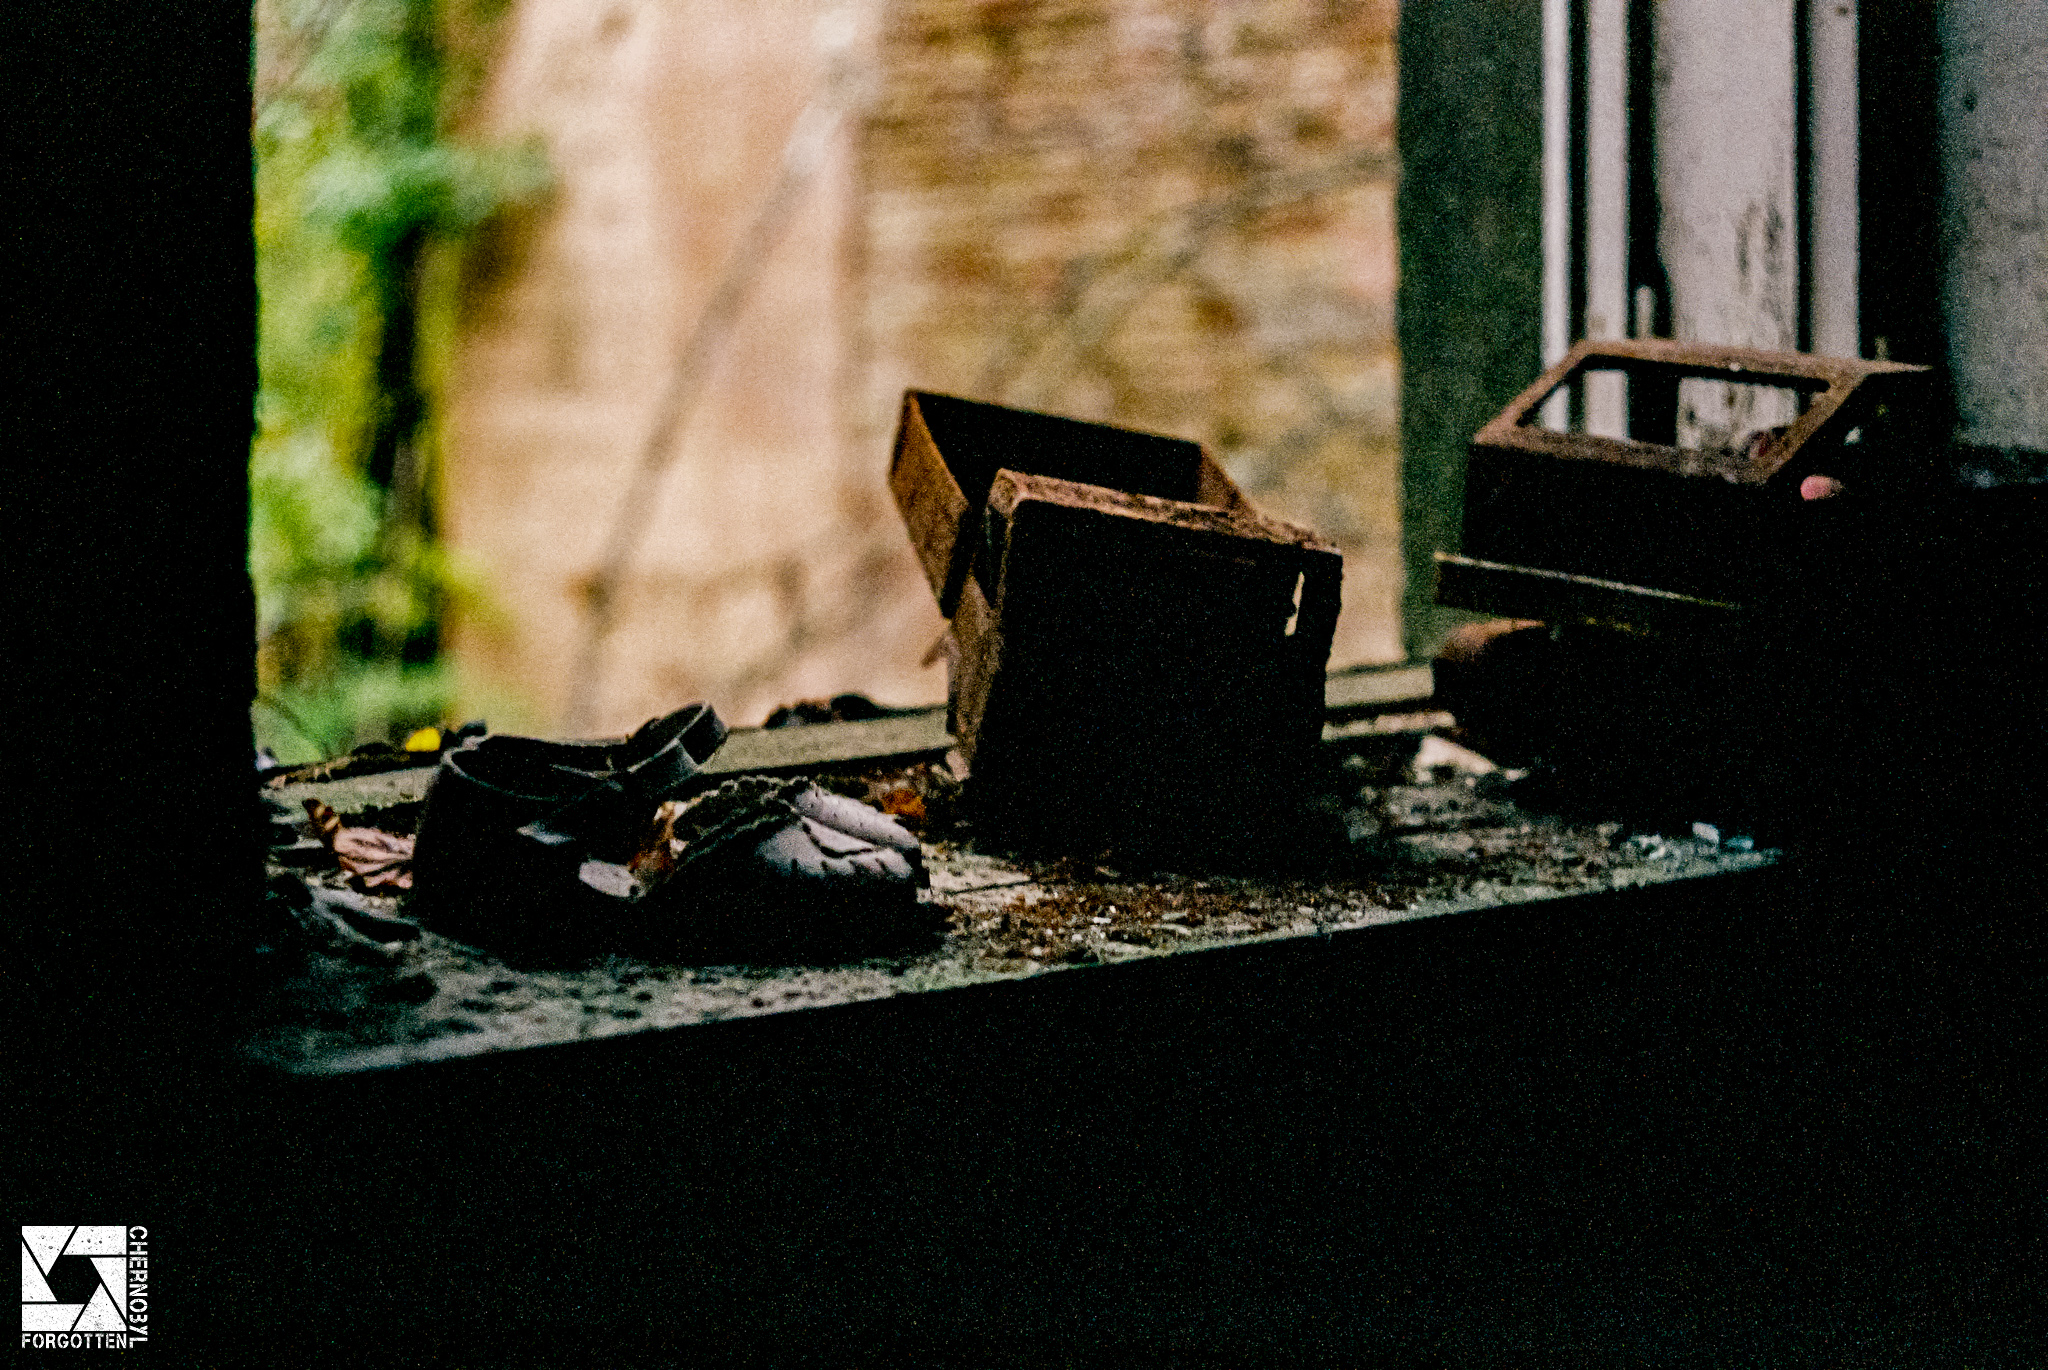 Chernobyl zone captured on film